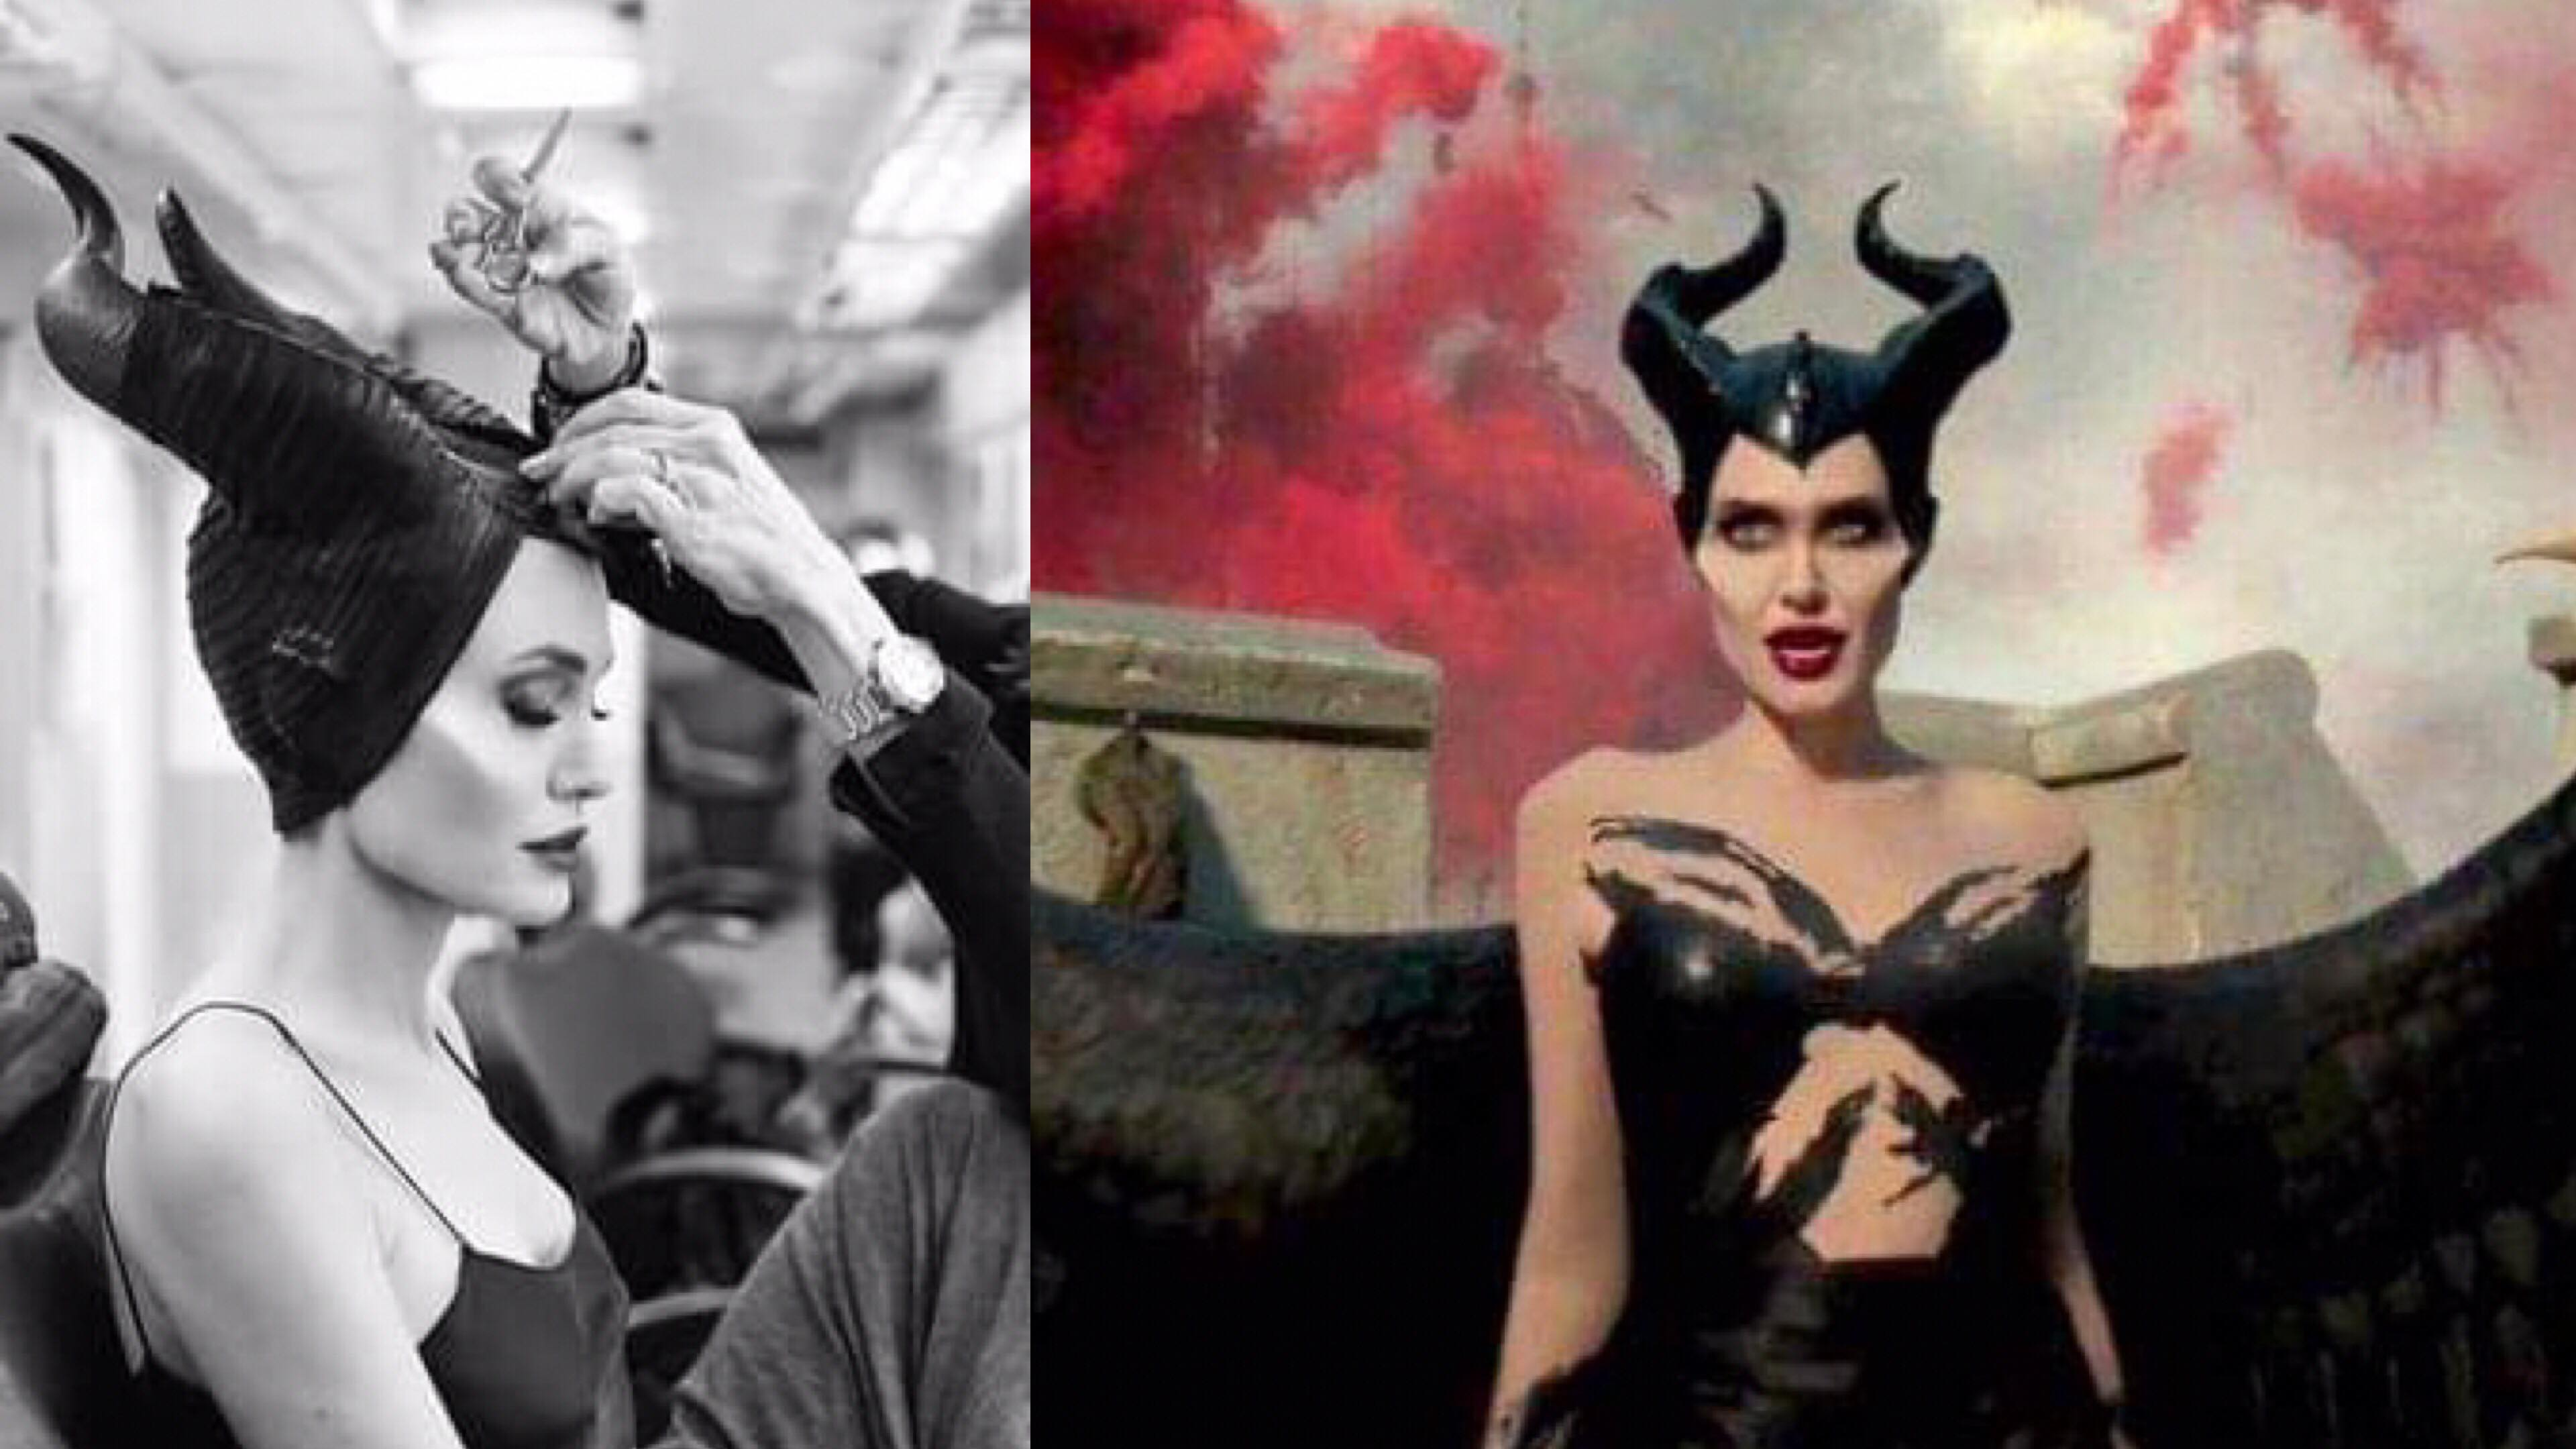 「裘莉的《黑魔女2》上妝有多費工?」幕後上妝影片大公開,竟然需要 44 名化妝師! – 我們用電影寫日記